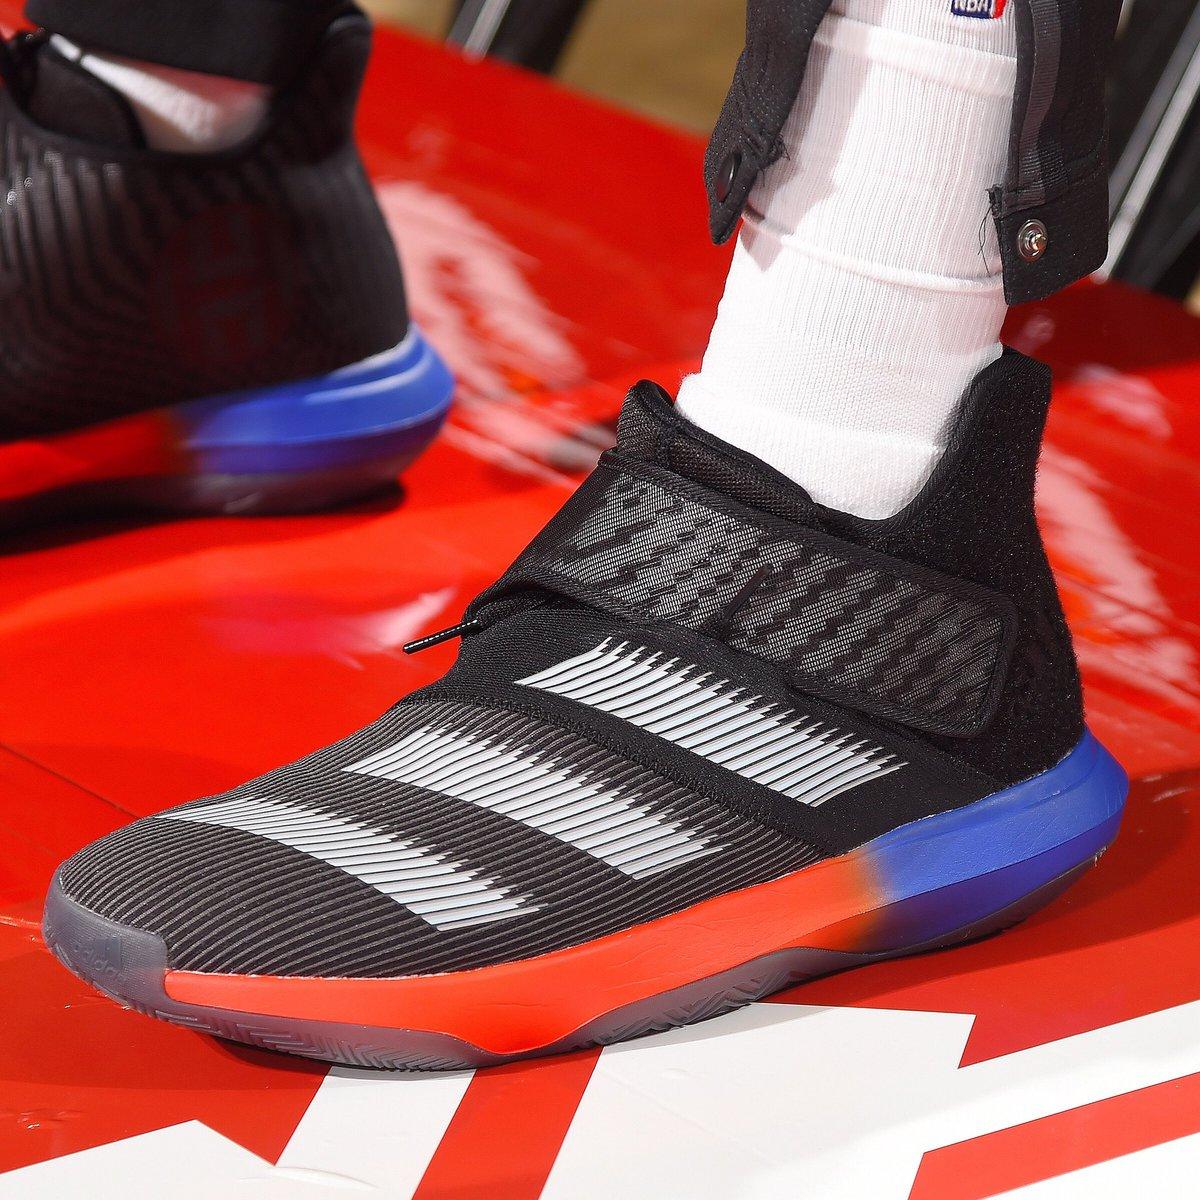 今平时规赛上脚球鞋一览:哈登上脚Harden B/E 3